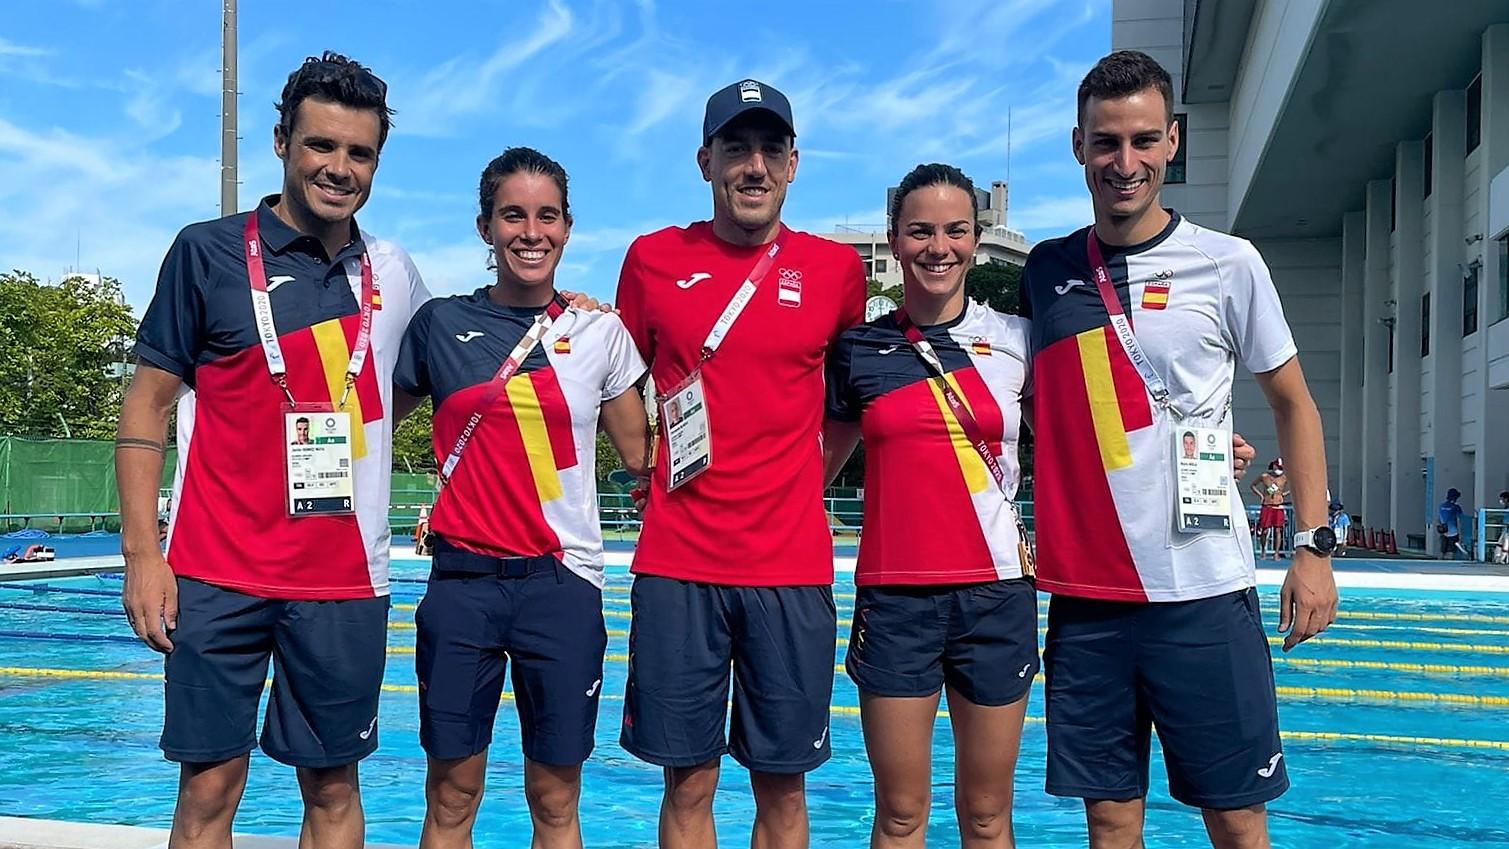 Noya, Mola, Alarza, Casillas y Godoy se citan con la historia en los JJ.OO. de Tokyo